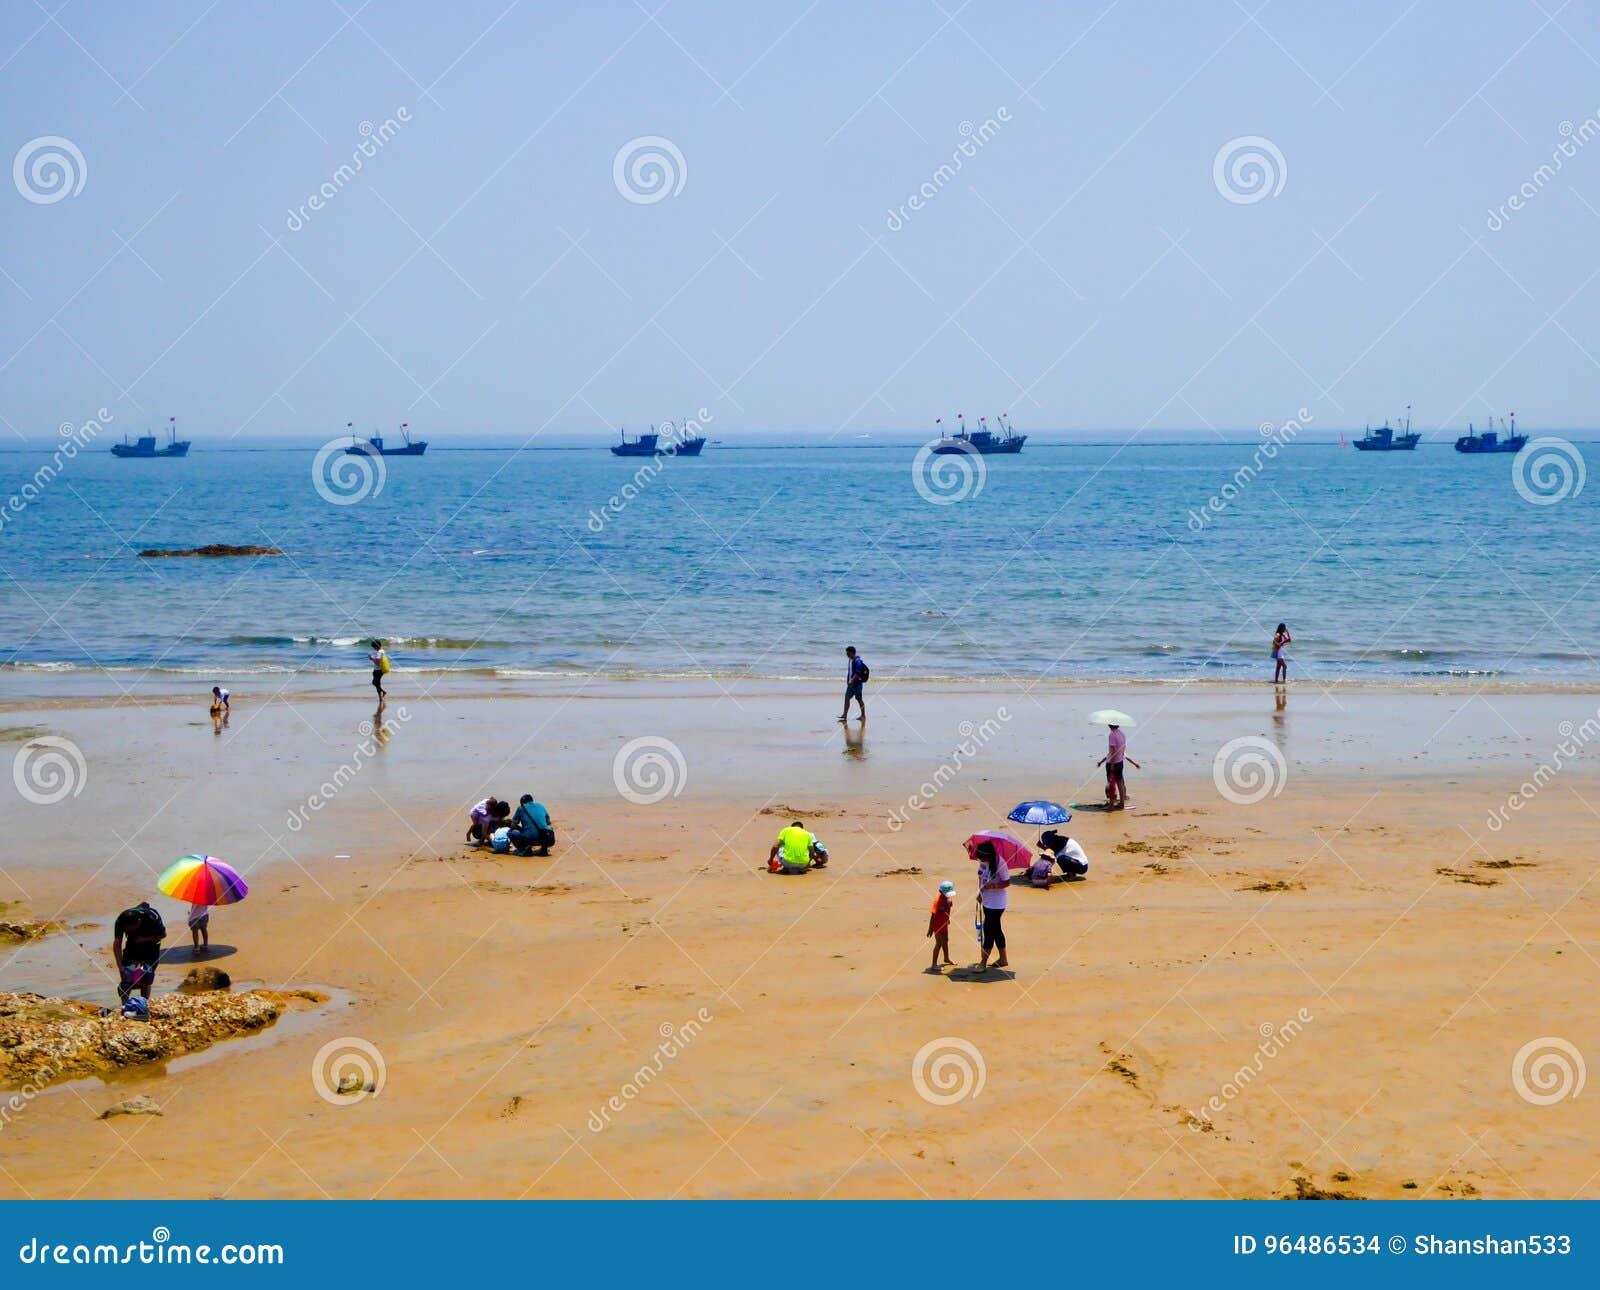 Playa de baño de la ciudad de Qingdao